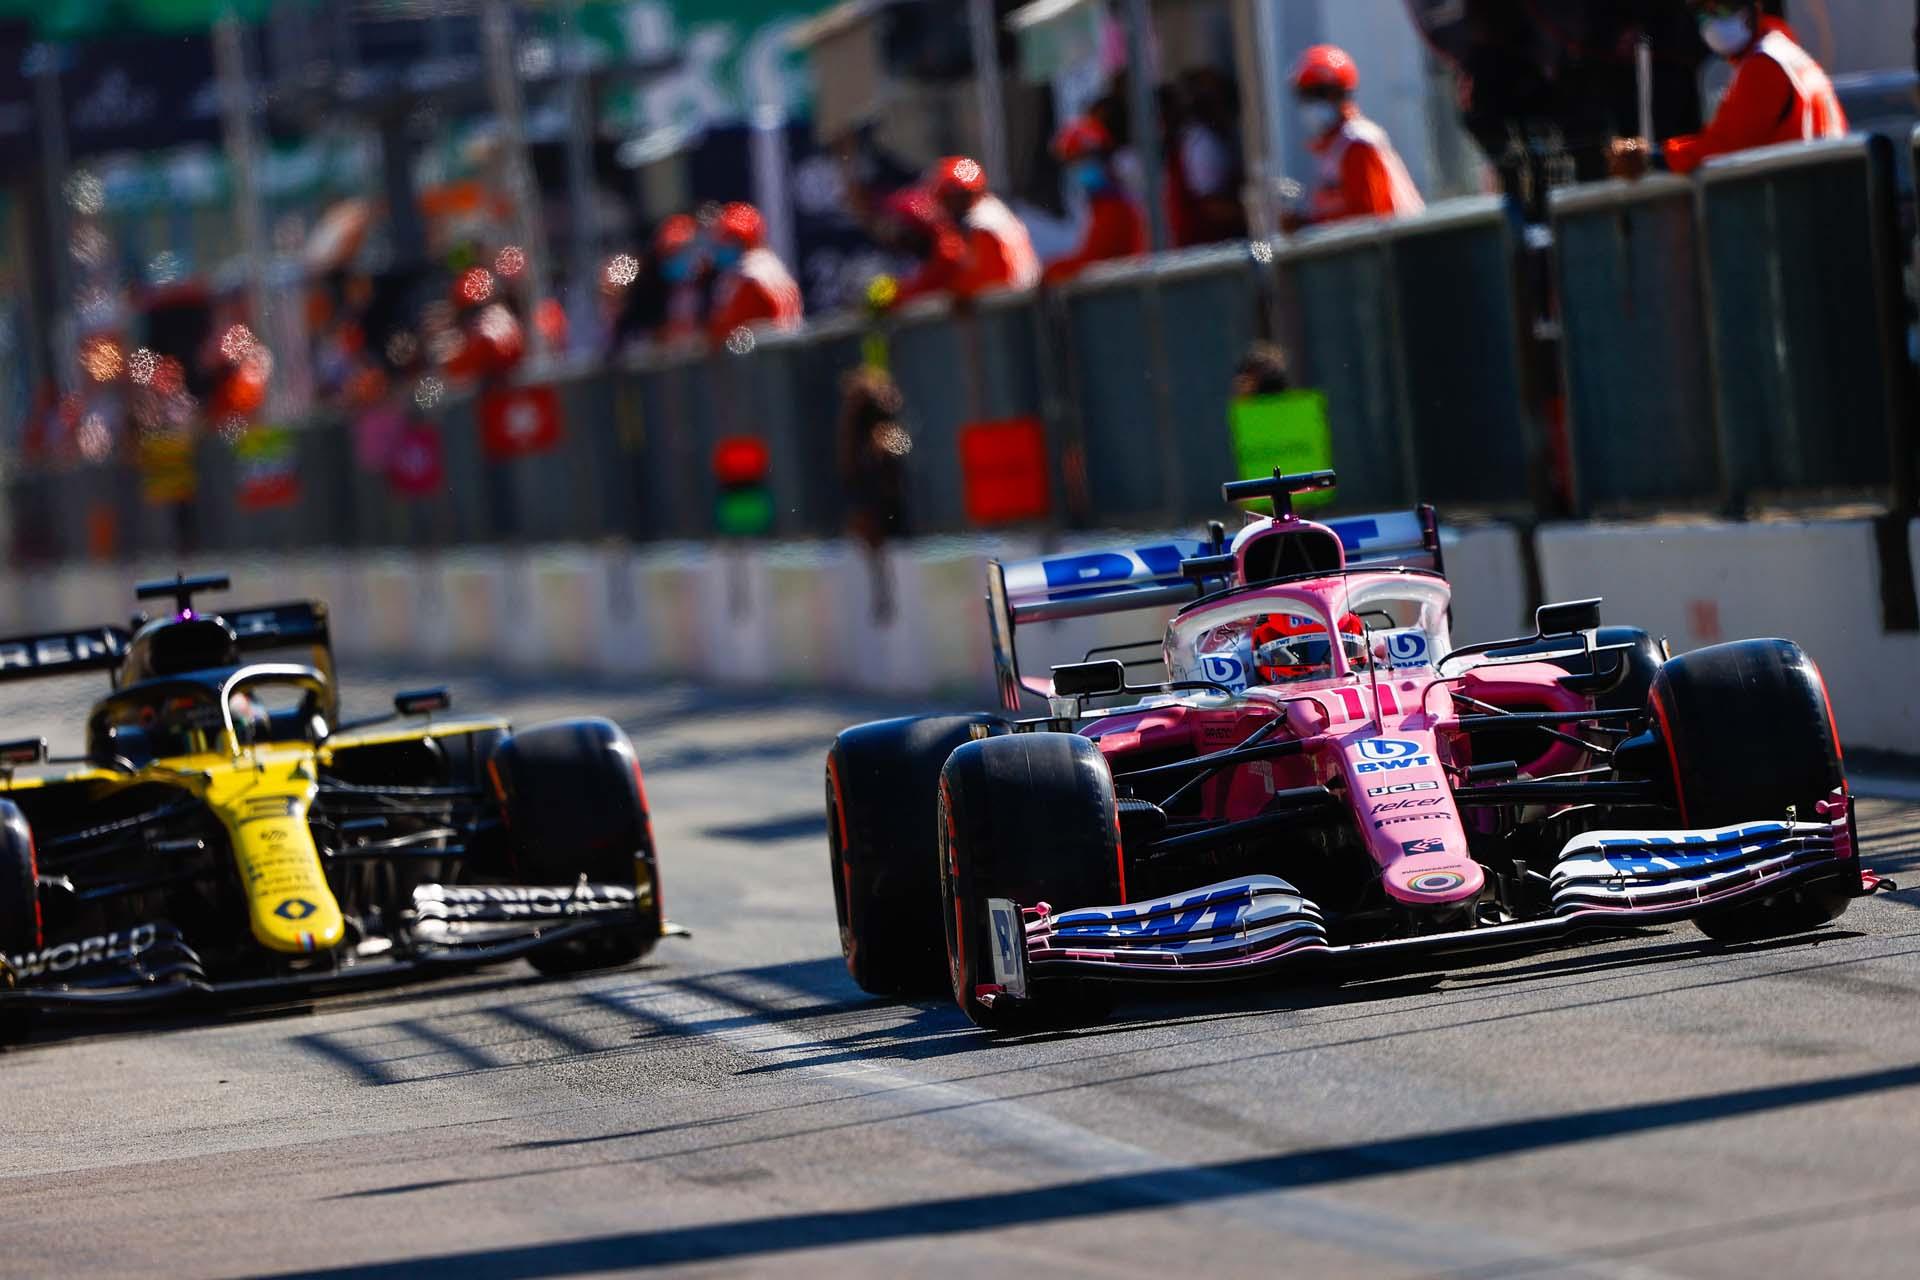 2020ItalianGPSaturday_RacingP_GP2008_135402_ONZ9744